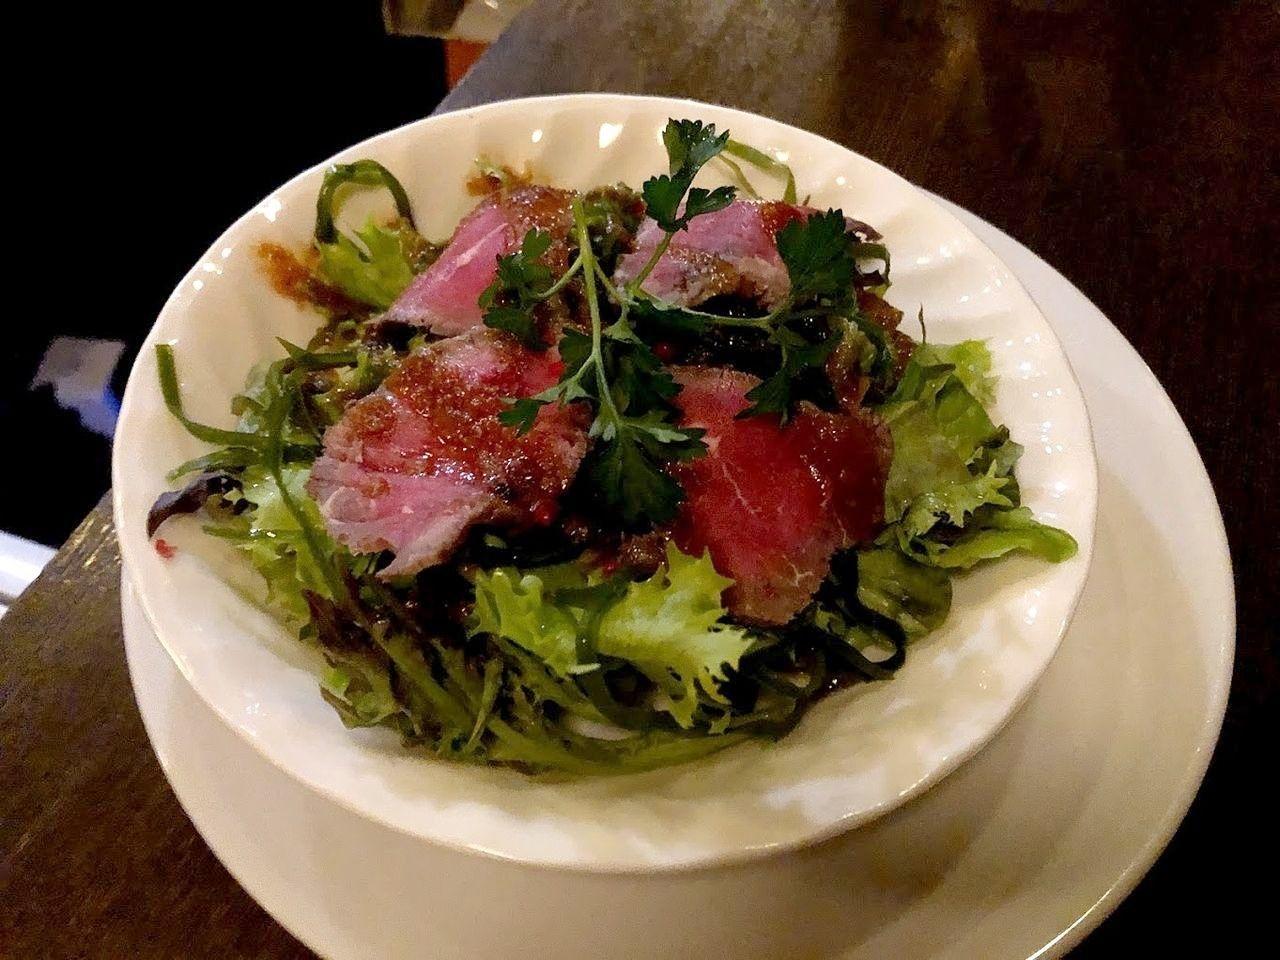 牛肉と海草の土佐風サラダ ジンジャードレッシング 1,280円